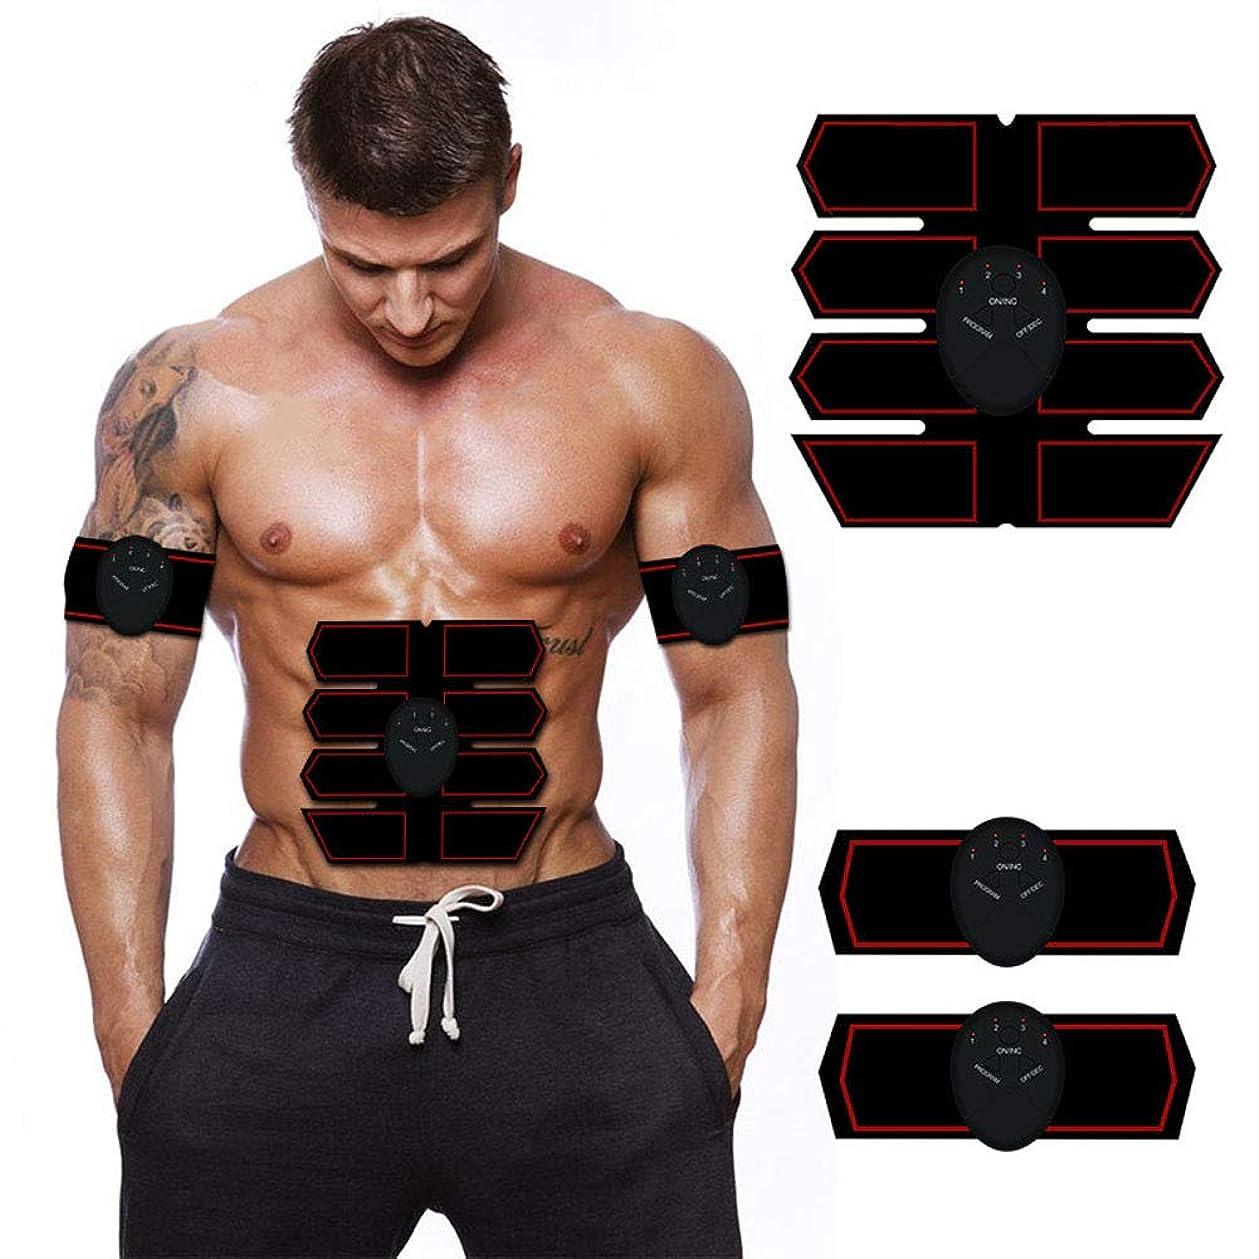 湿度共和国奨励腹筋トレーナー筋肉刺激器, Ems 腹筋刺激剤筋肉トナー, ポータブルマッスルトレーナー, 腹部の調子のベルト, の 男性?女性